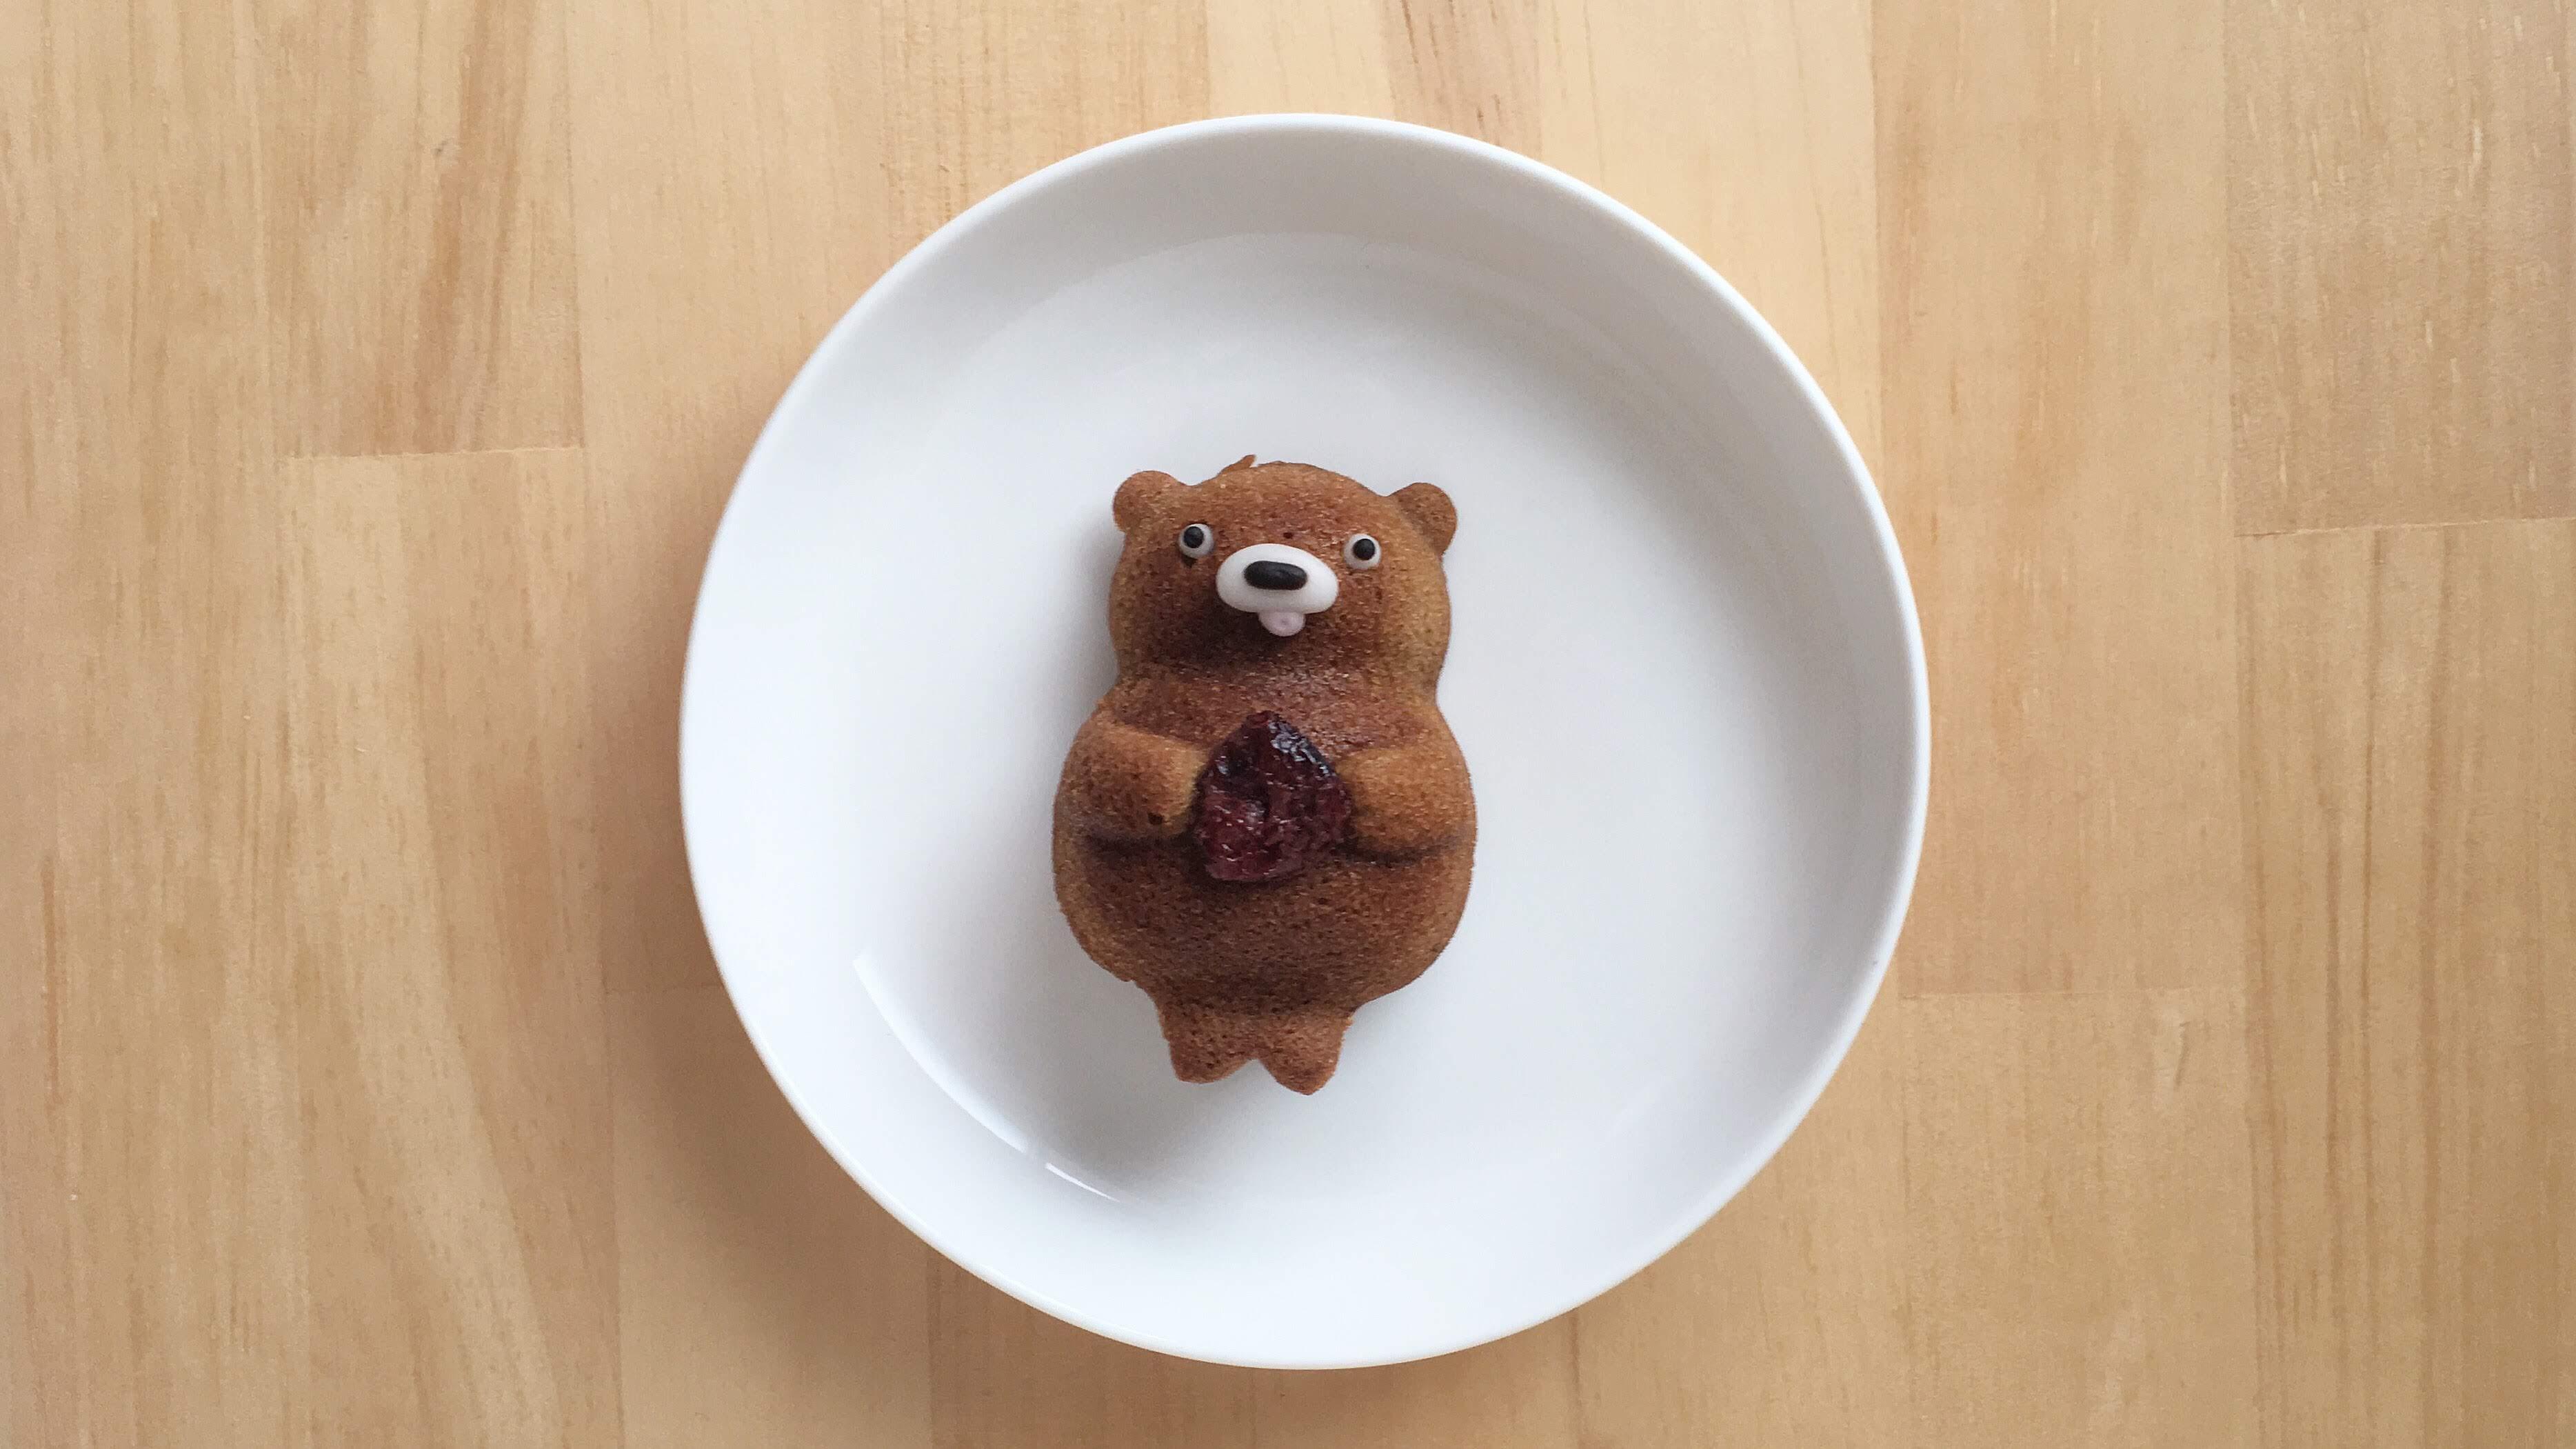 くまやきというかわいいくまの焼き菓子